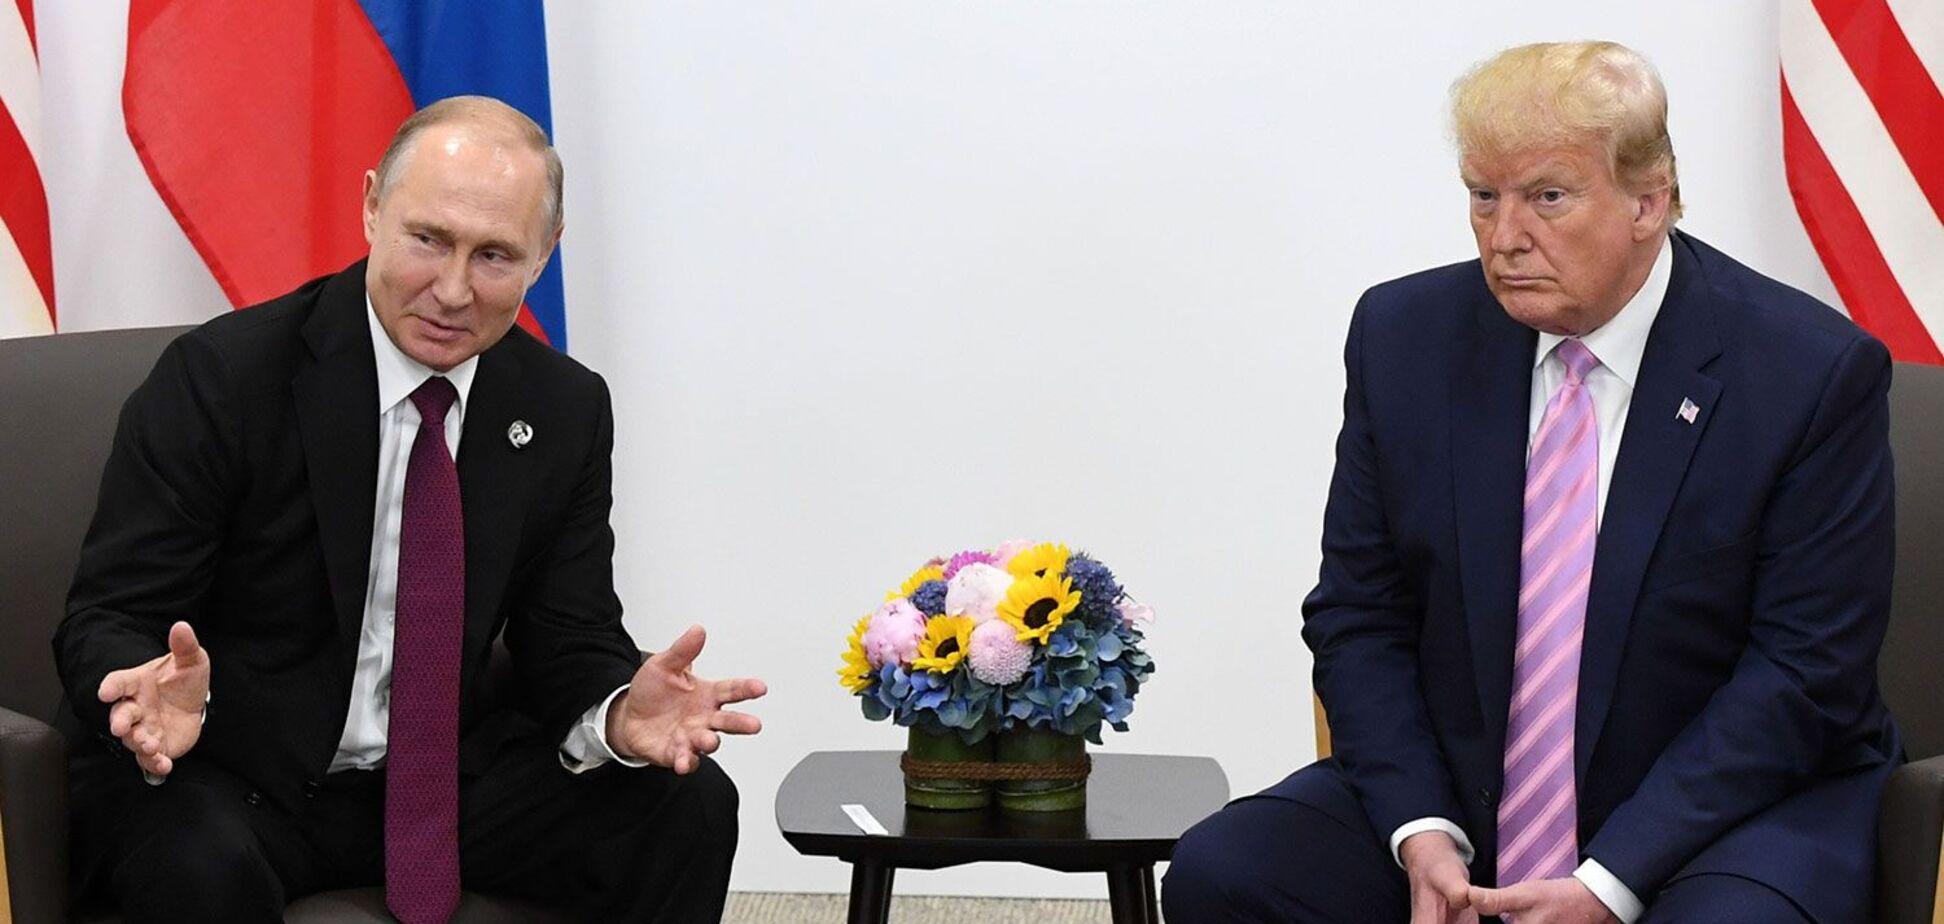 Встреча российского президента Владимира Путина и американского лидера Дональда Трампа